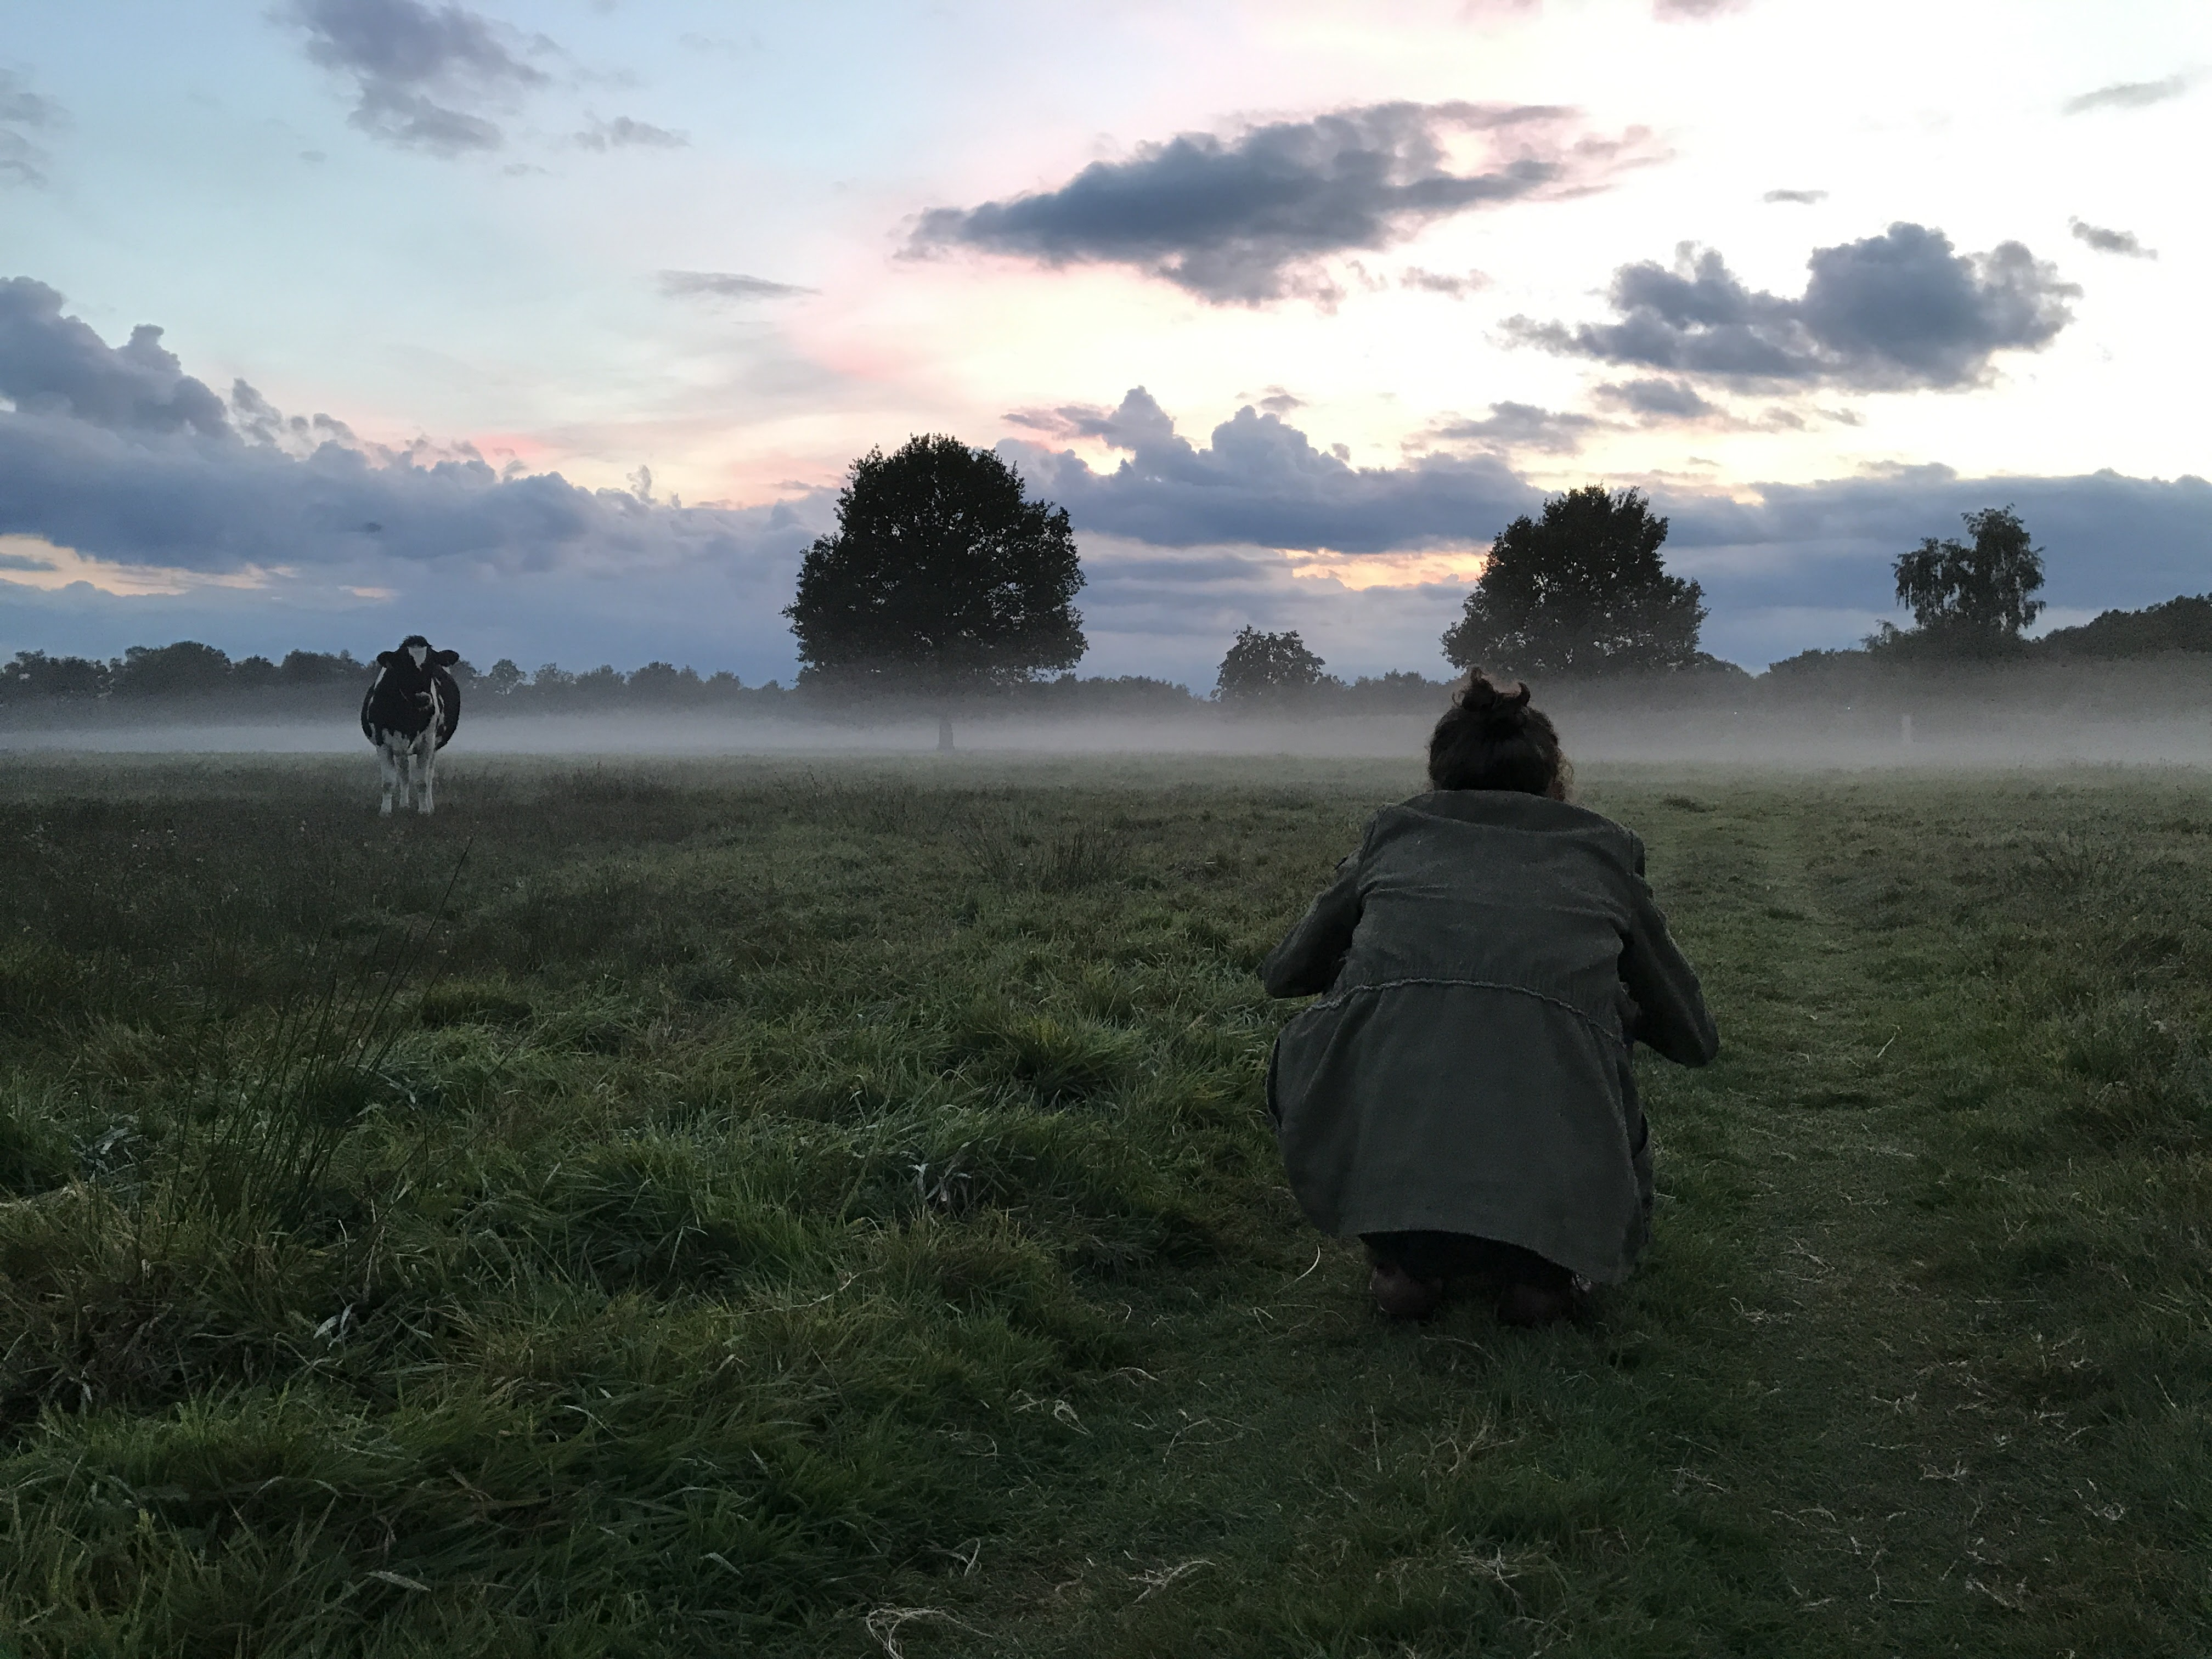 Een veld met mistbank fotograferen